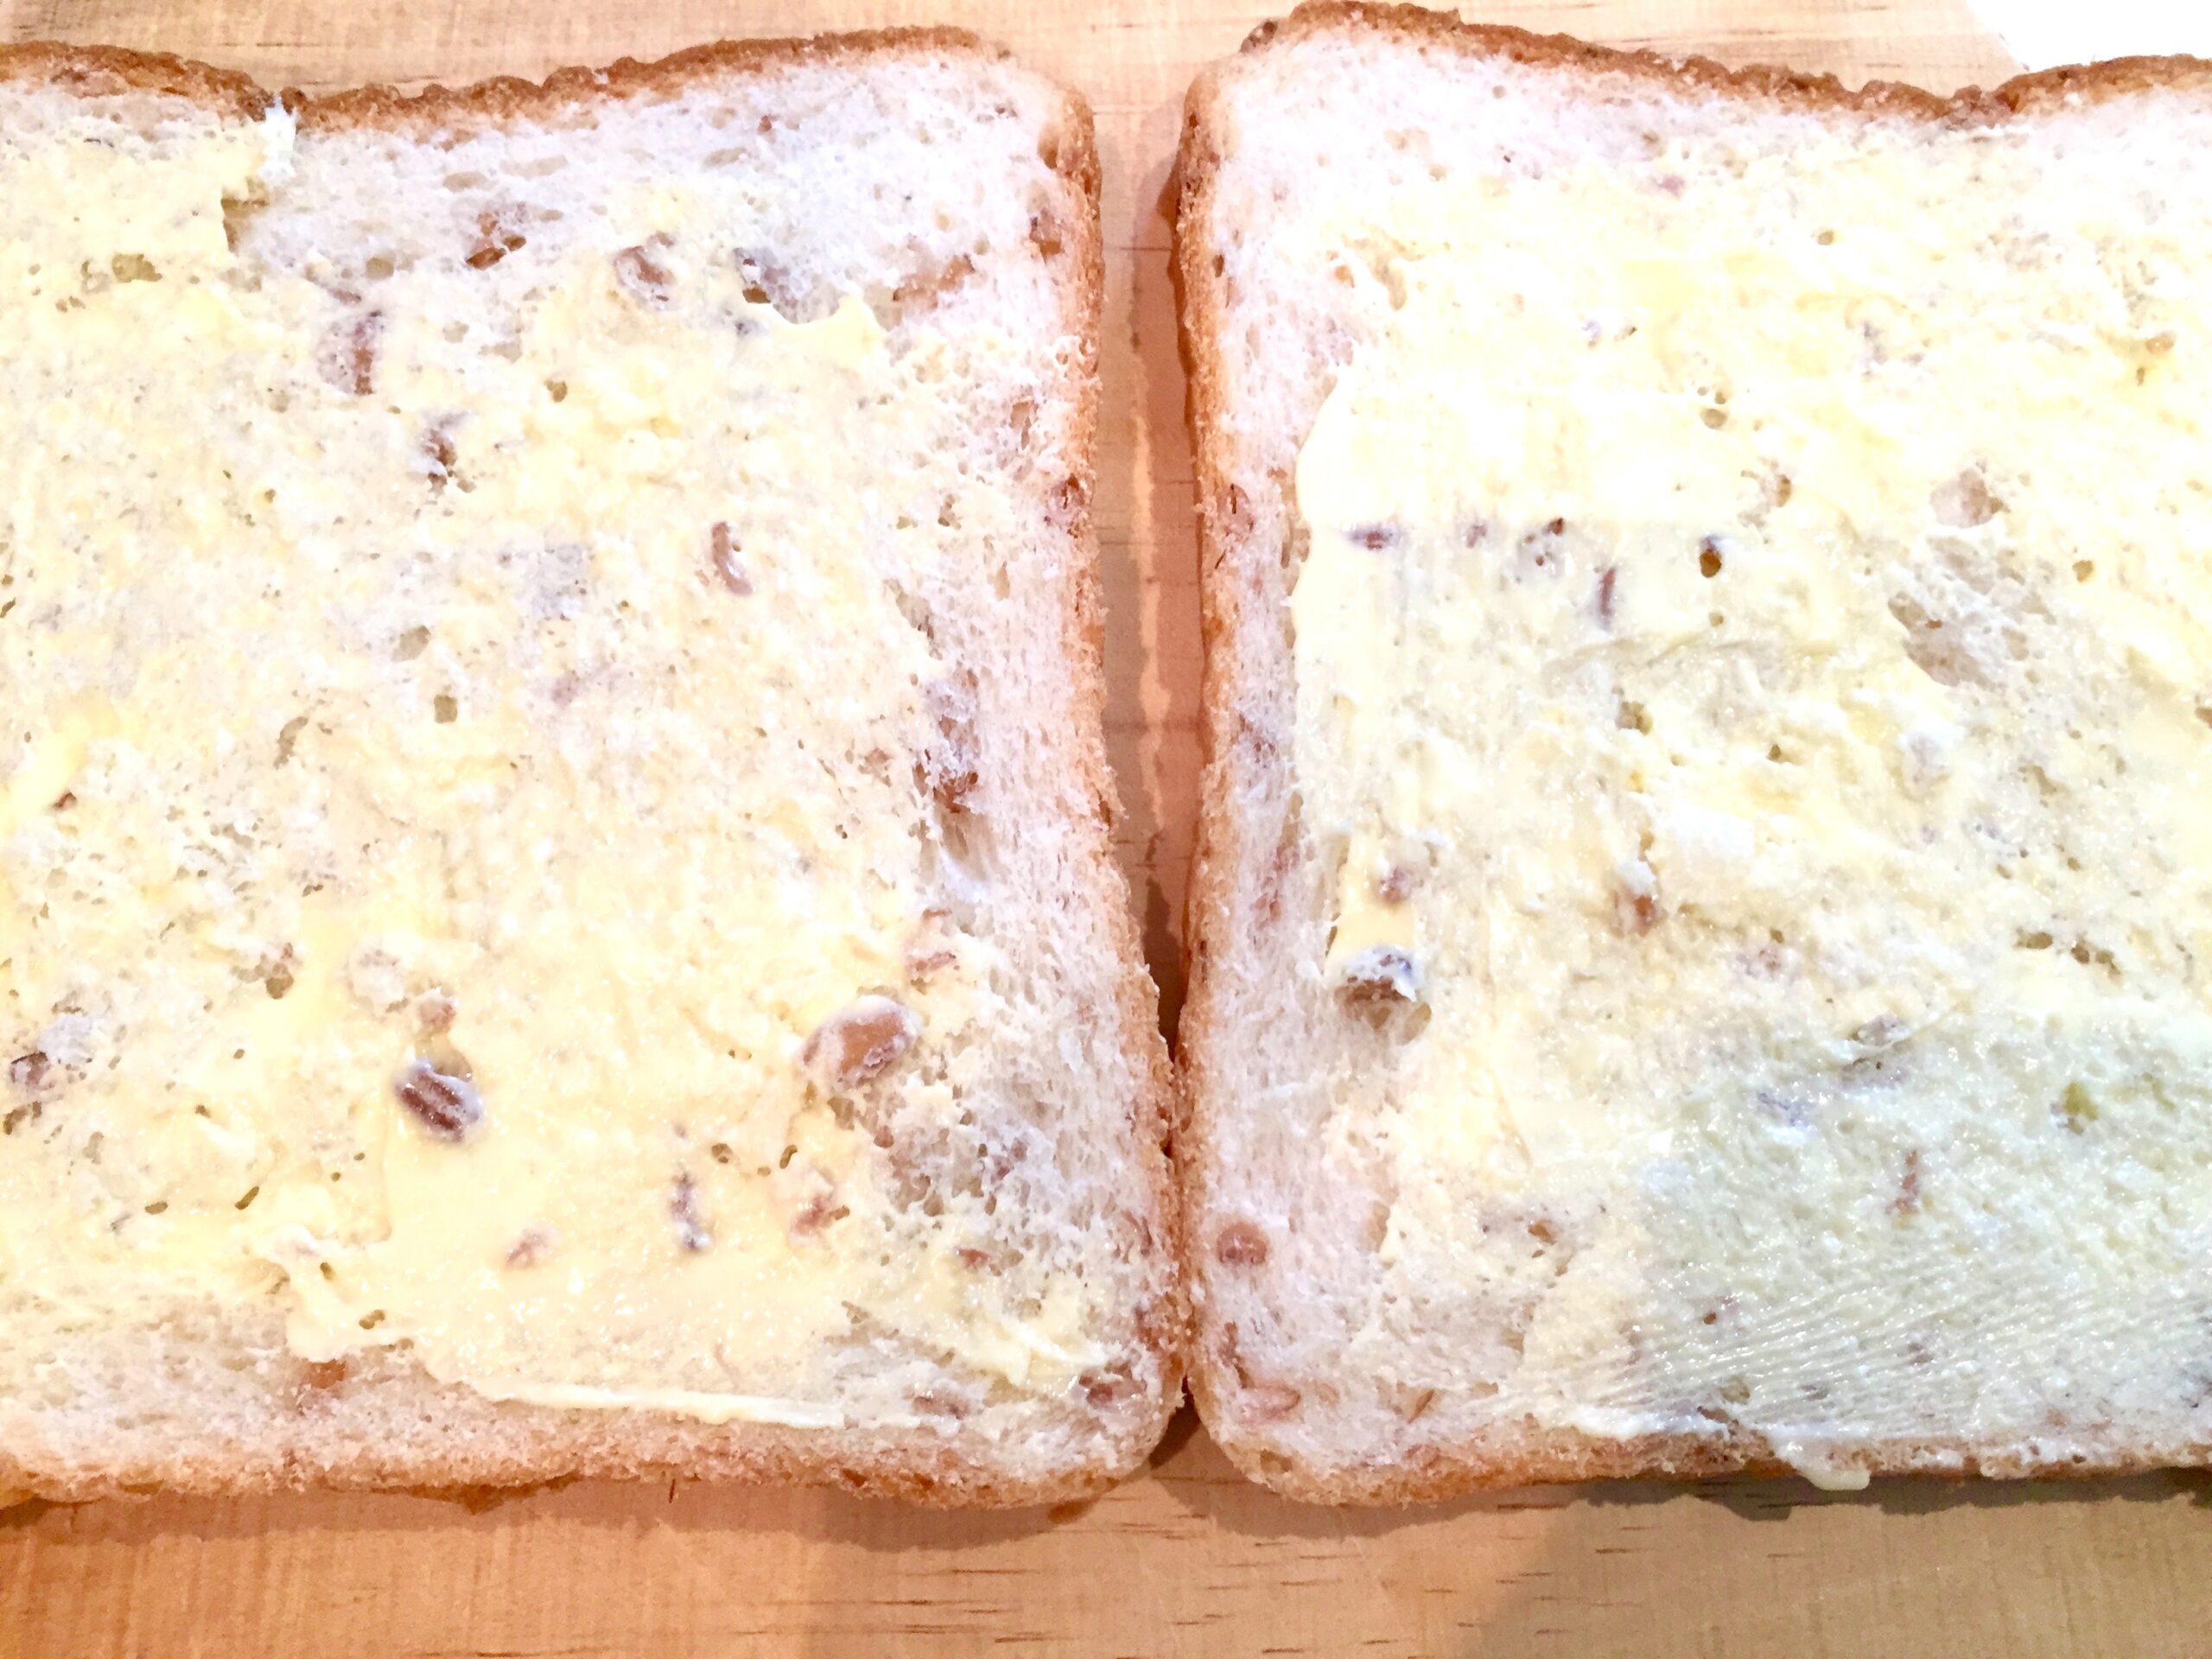 食パンにバターを塗ります。